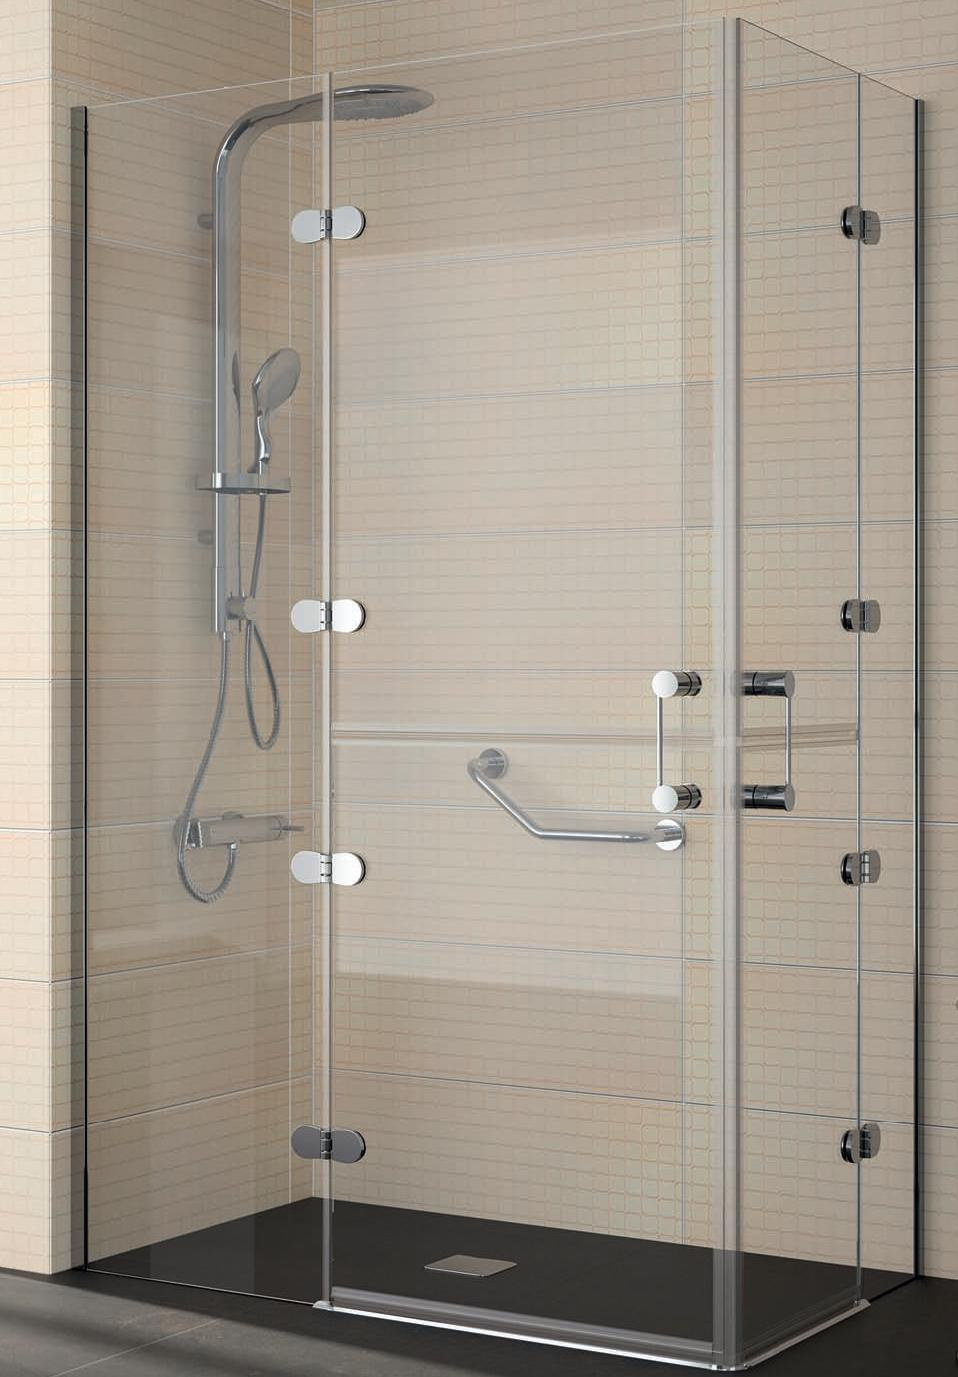 Rehabilitación de cuartos de baño - Baños Zaragoza | ANOTHER HOME SL